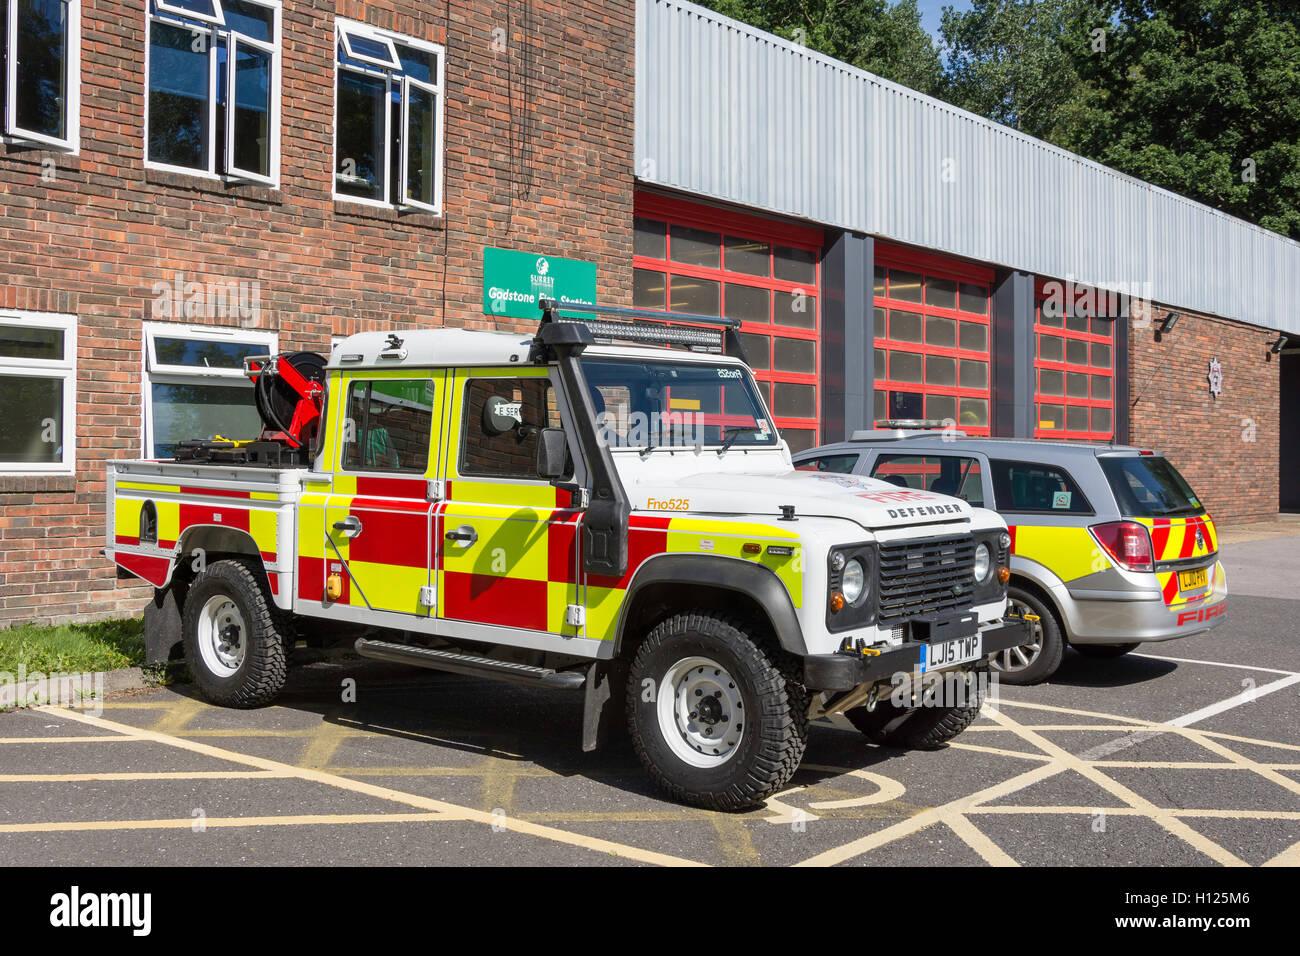 Fire vehicles outside Godstone Fire Station, Godstone, Surrey, England, United Kingdom - Stock Image